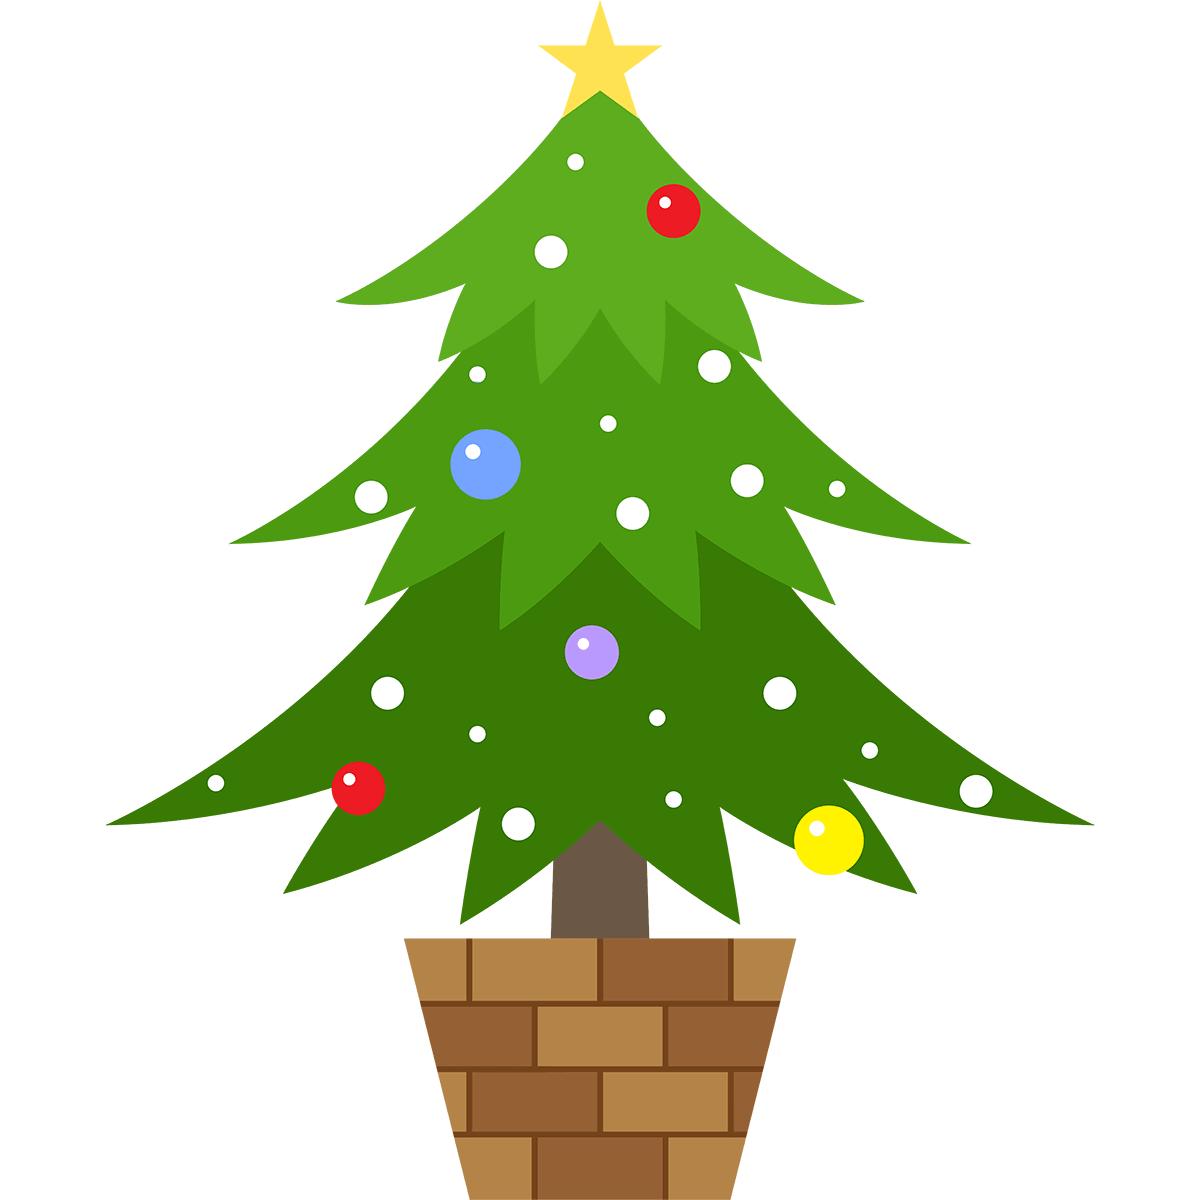 クリスマスツリーの無料イラスト